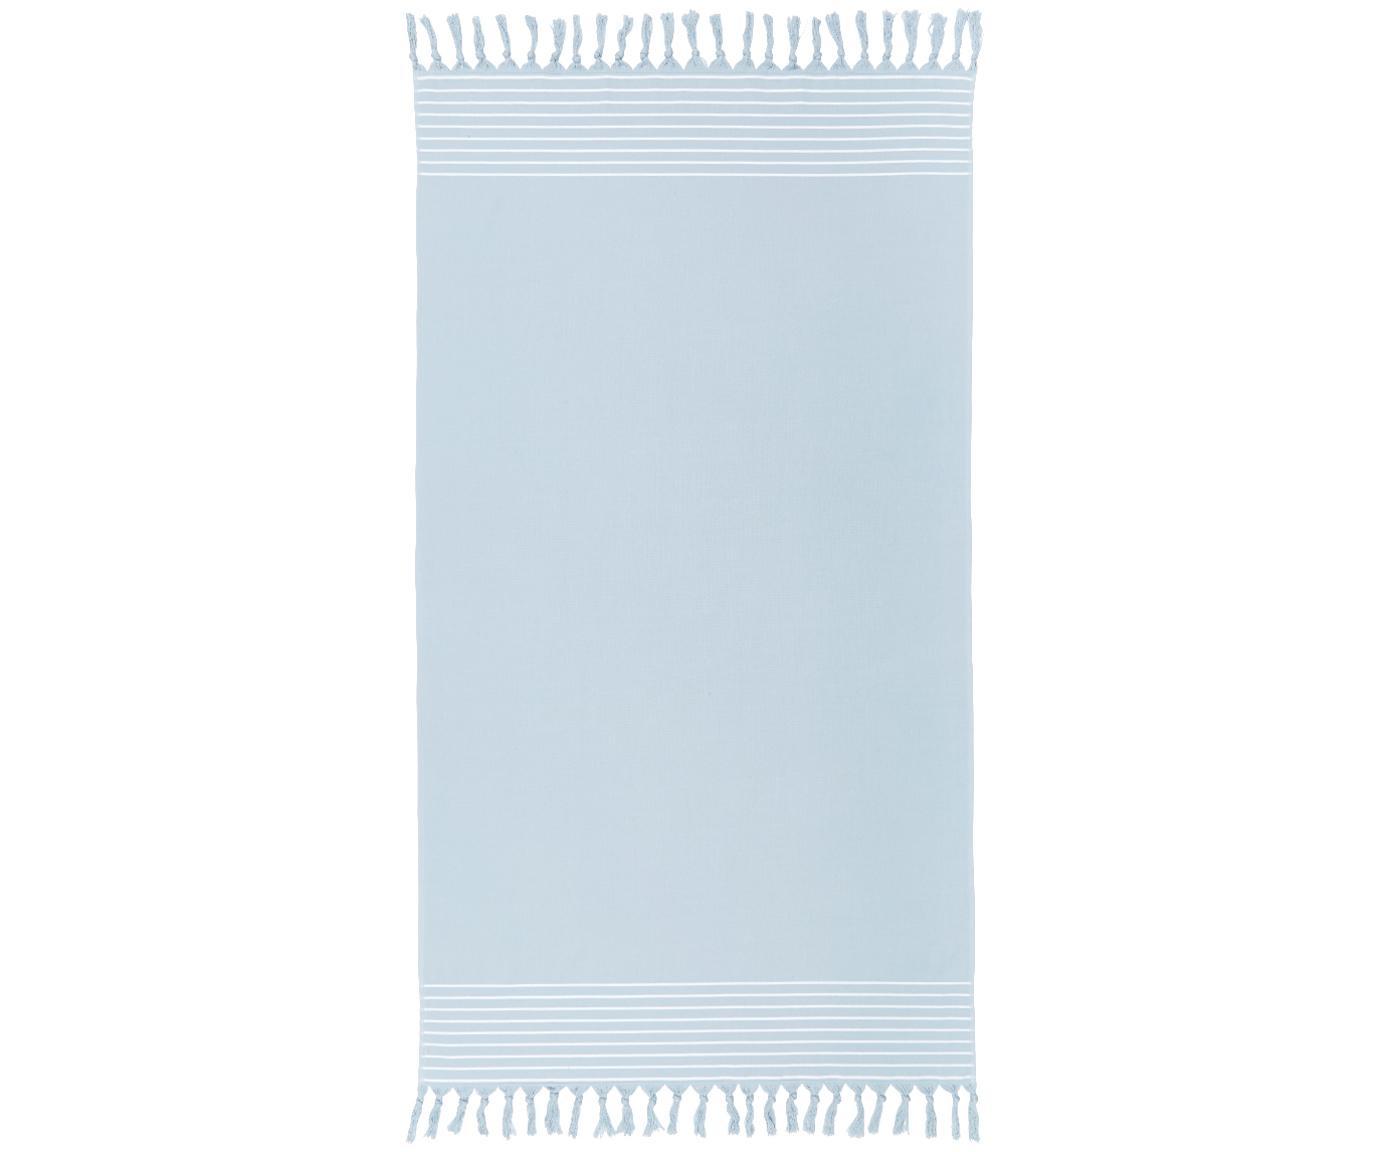 Fouta de felpa rizada Freddy, Reverso: afelpado, Azul claro, An 100 x L 180 cm